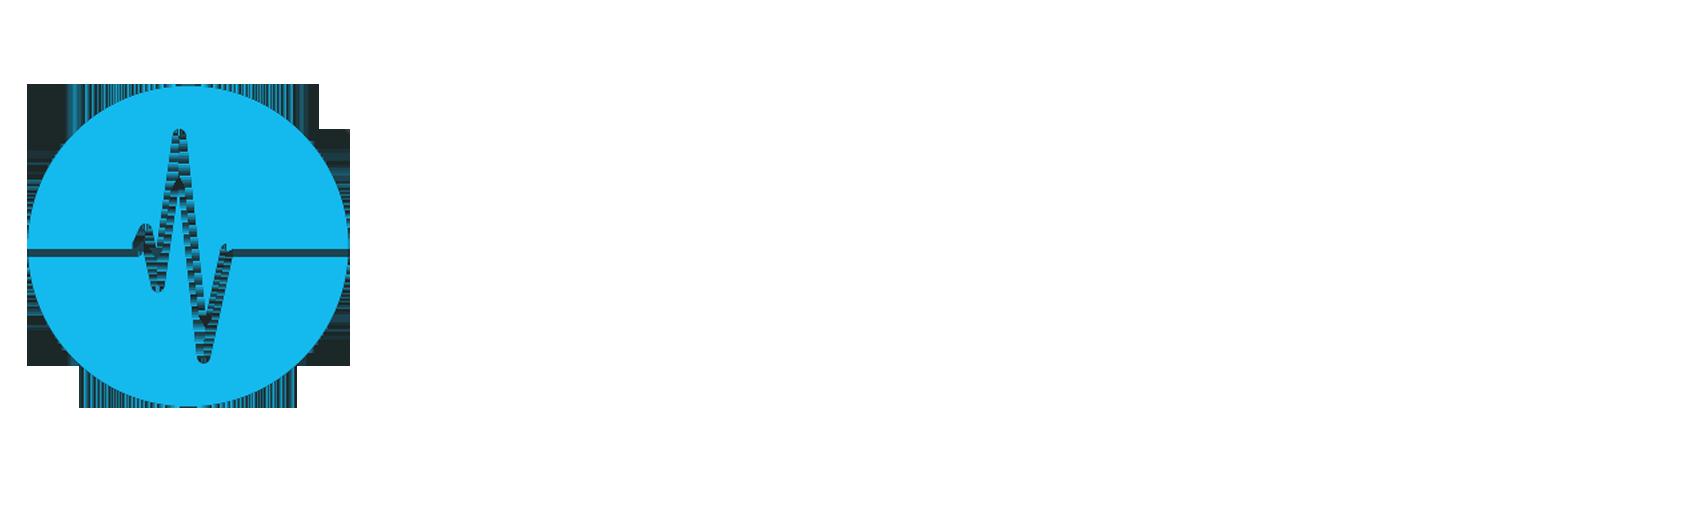 Ecografos Telemed